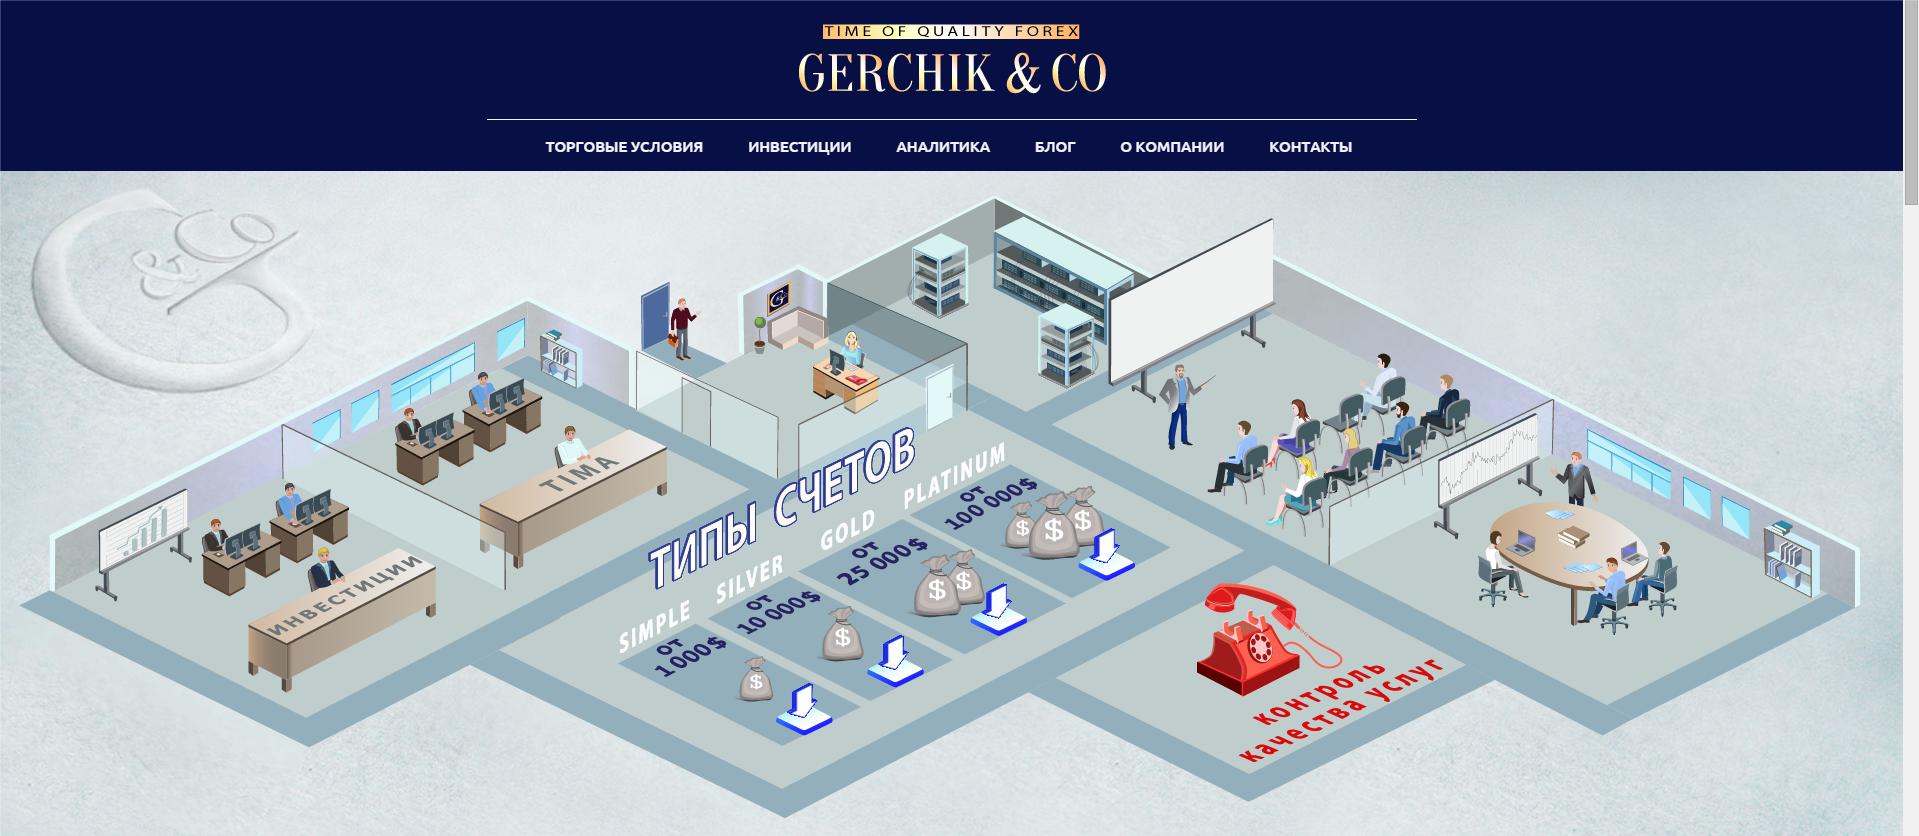 Обзор Брокера Gerchik&Co: торговые условия для трейдеров